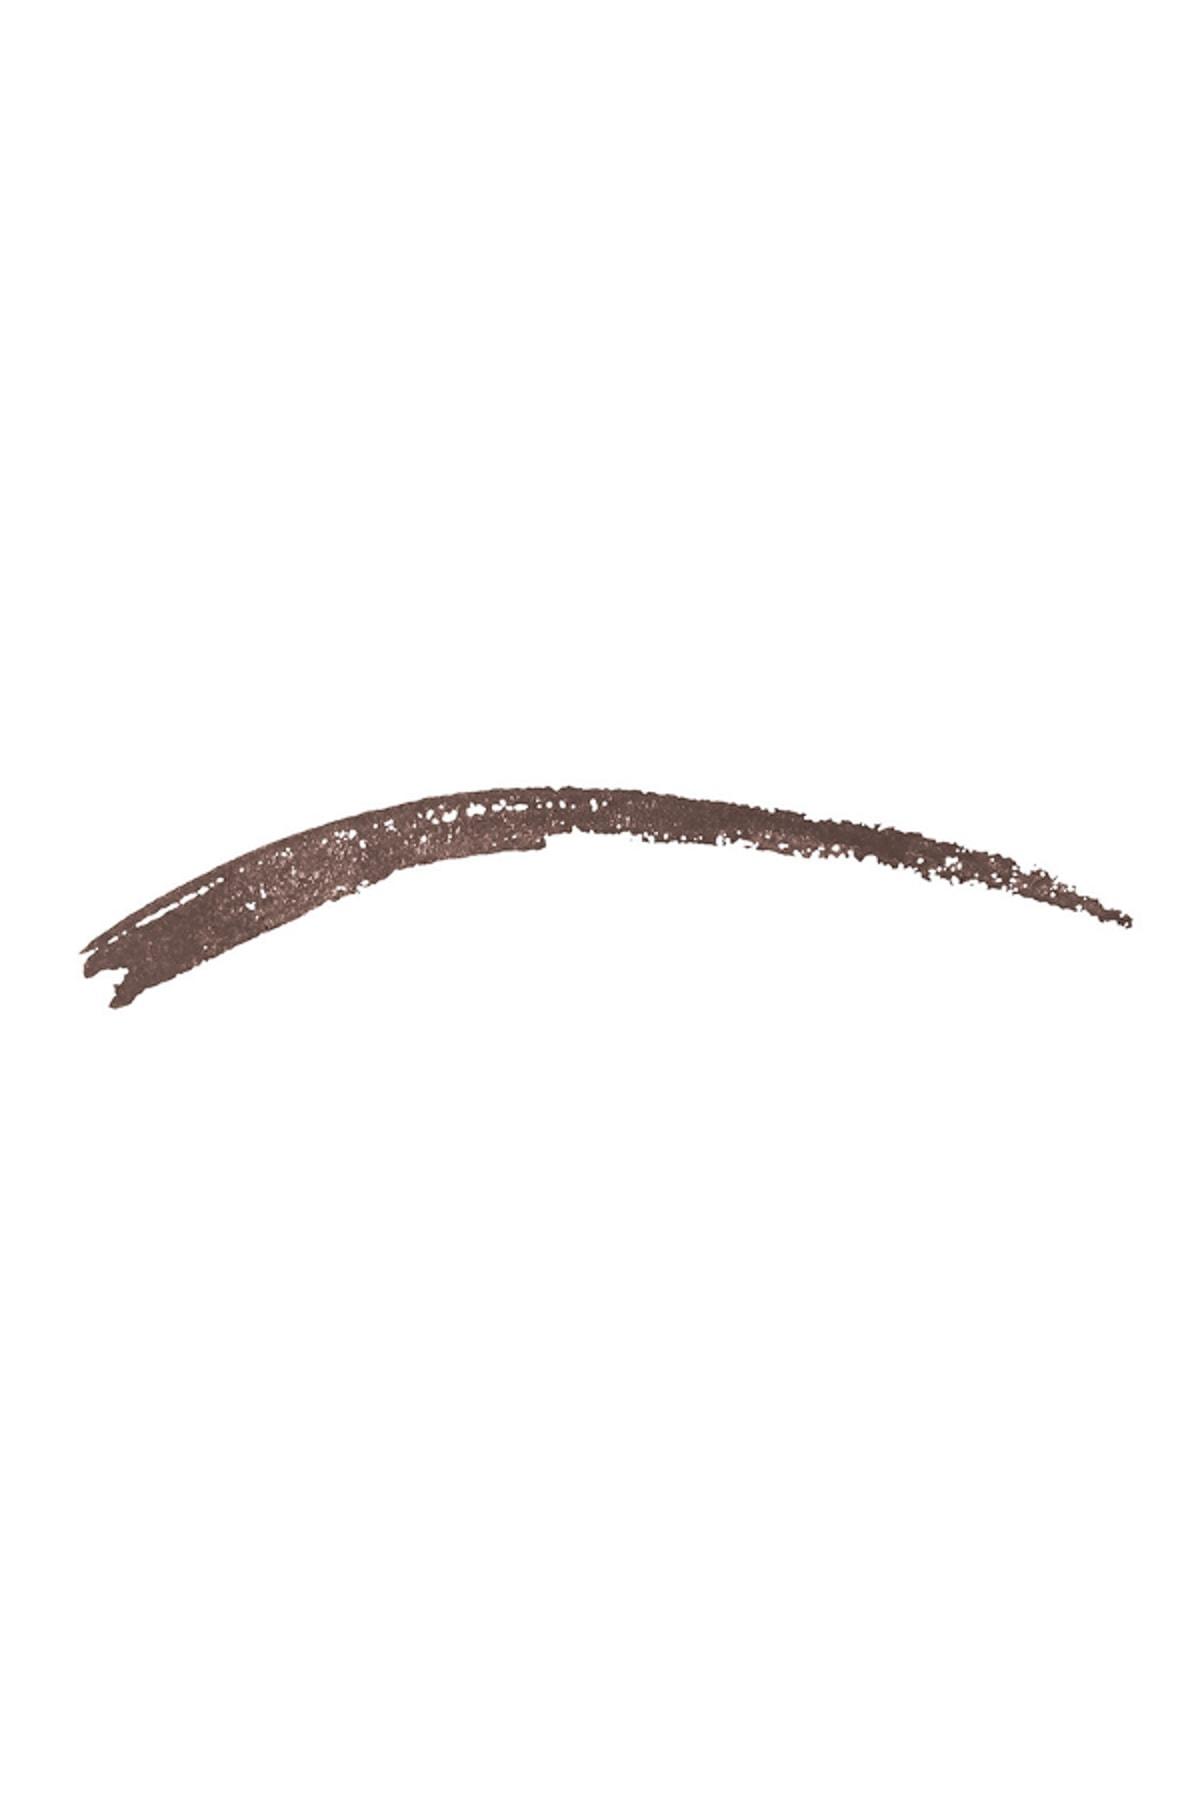 KIKO Göz Farı - Lost In Amalfi Fill & Brush Eyebrow 03 8025272929462 2